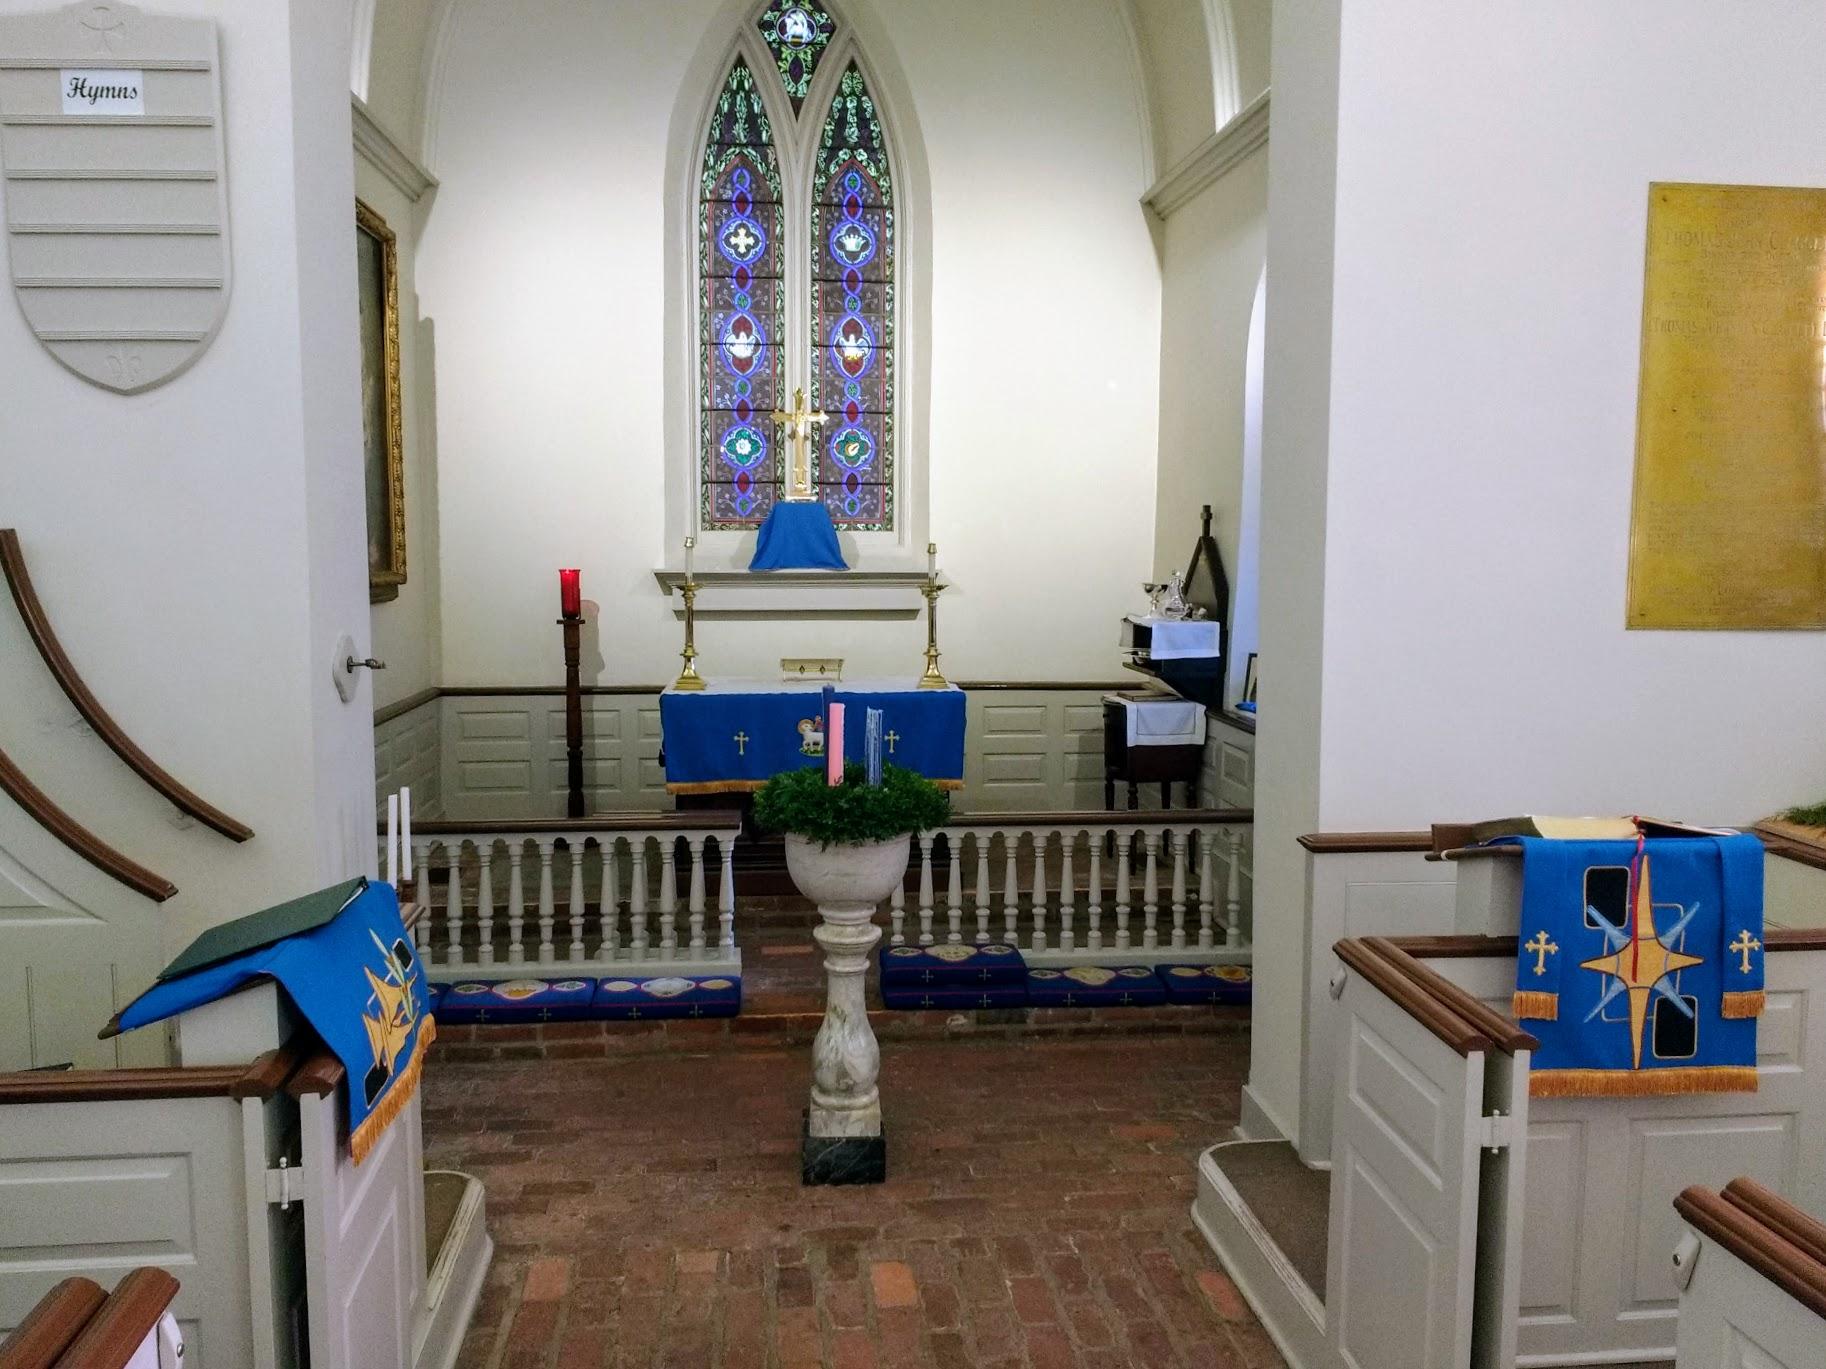 Inside - Altar